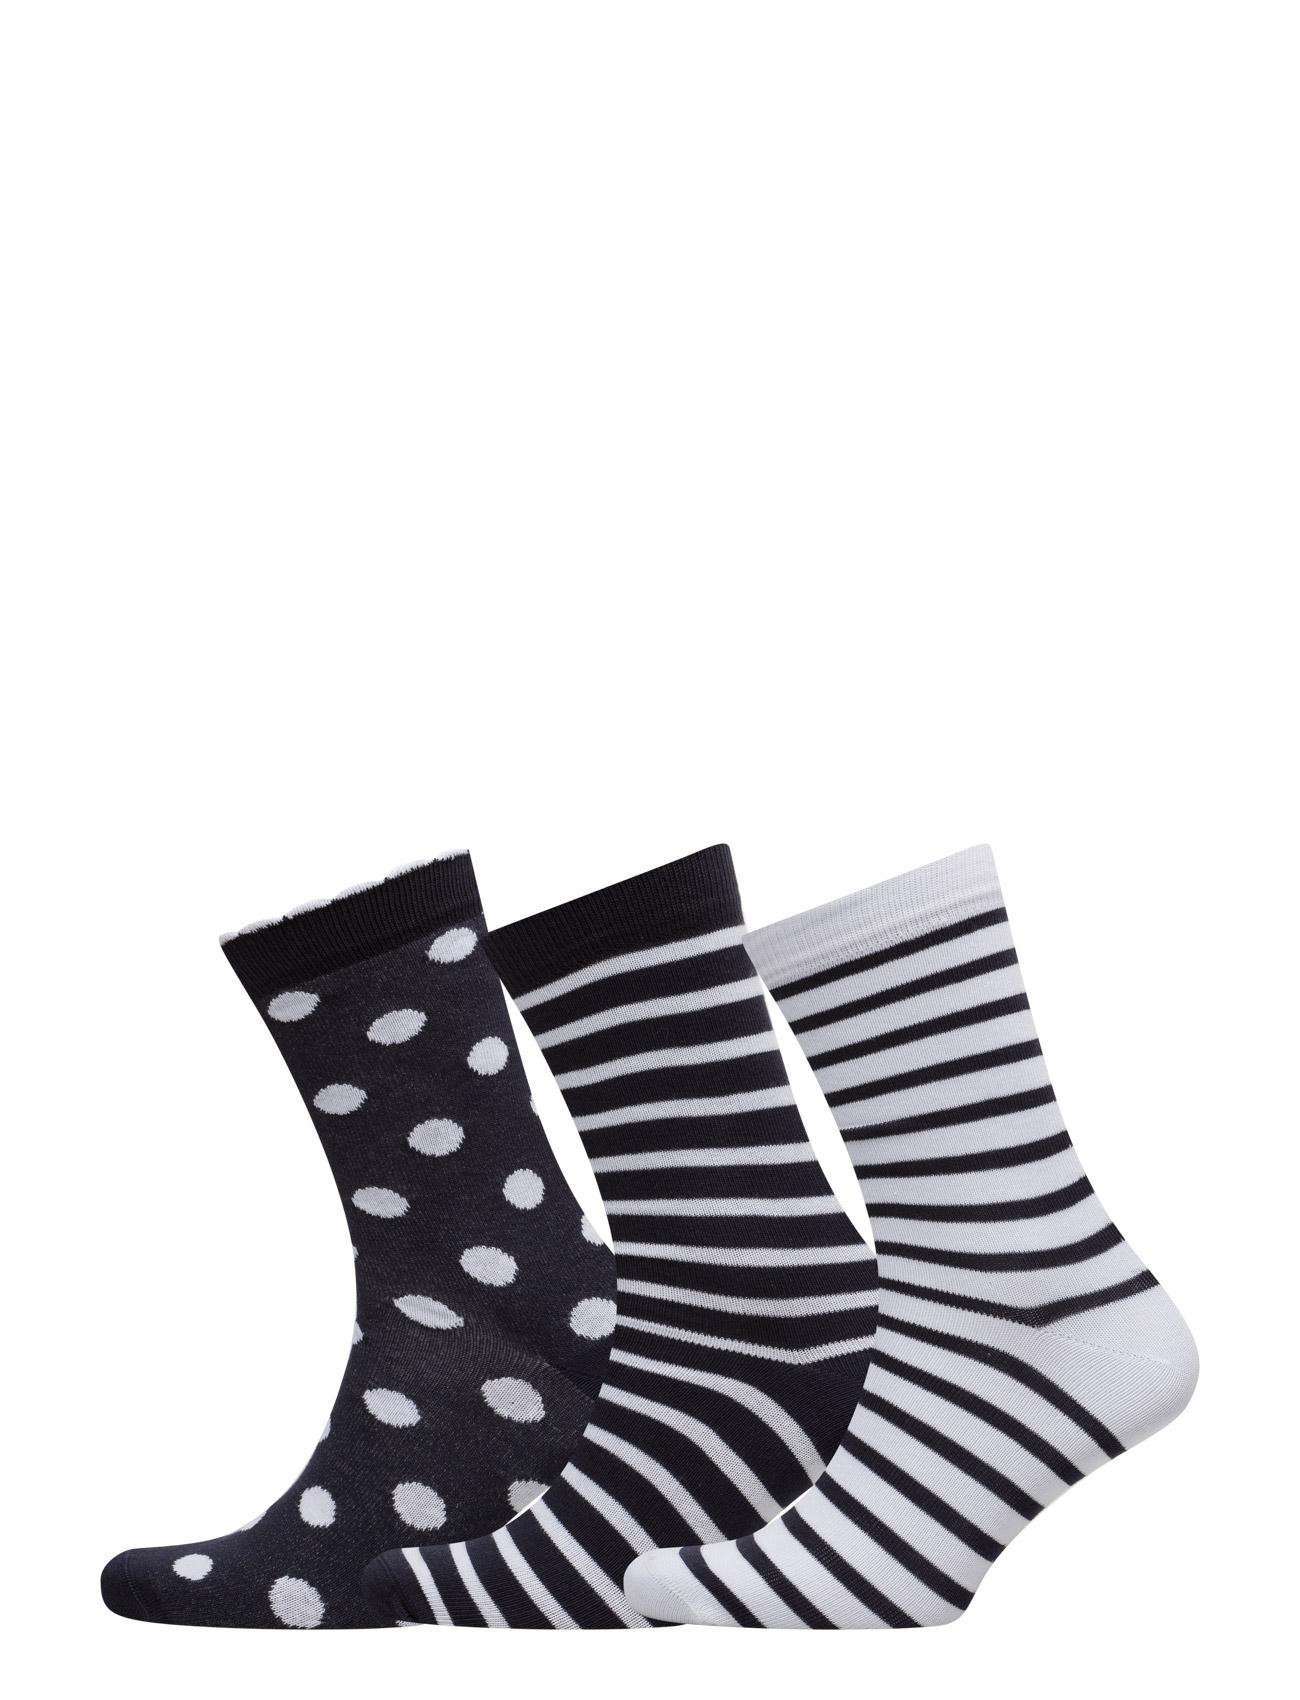 b5300dbfb55 Køb Ladies Ankelsock 3-Pack Decoy Strømpebukser i Blå til Kvinder på  internettet